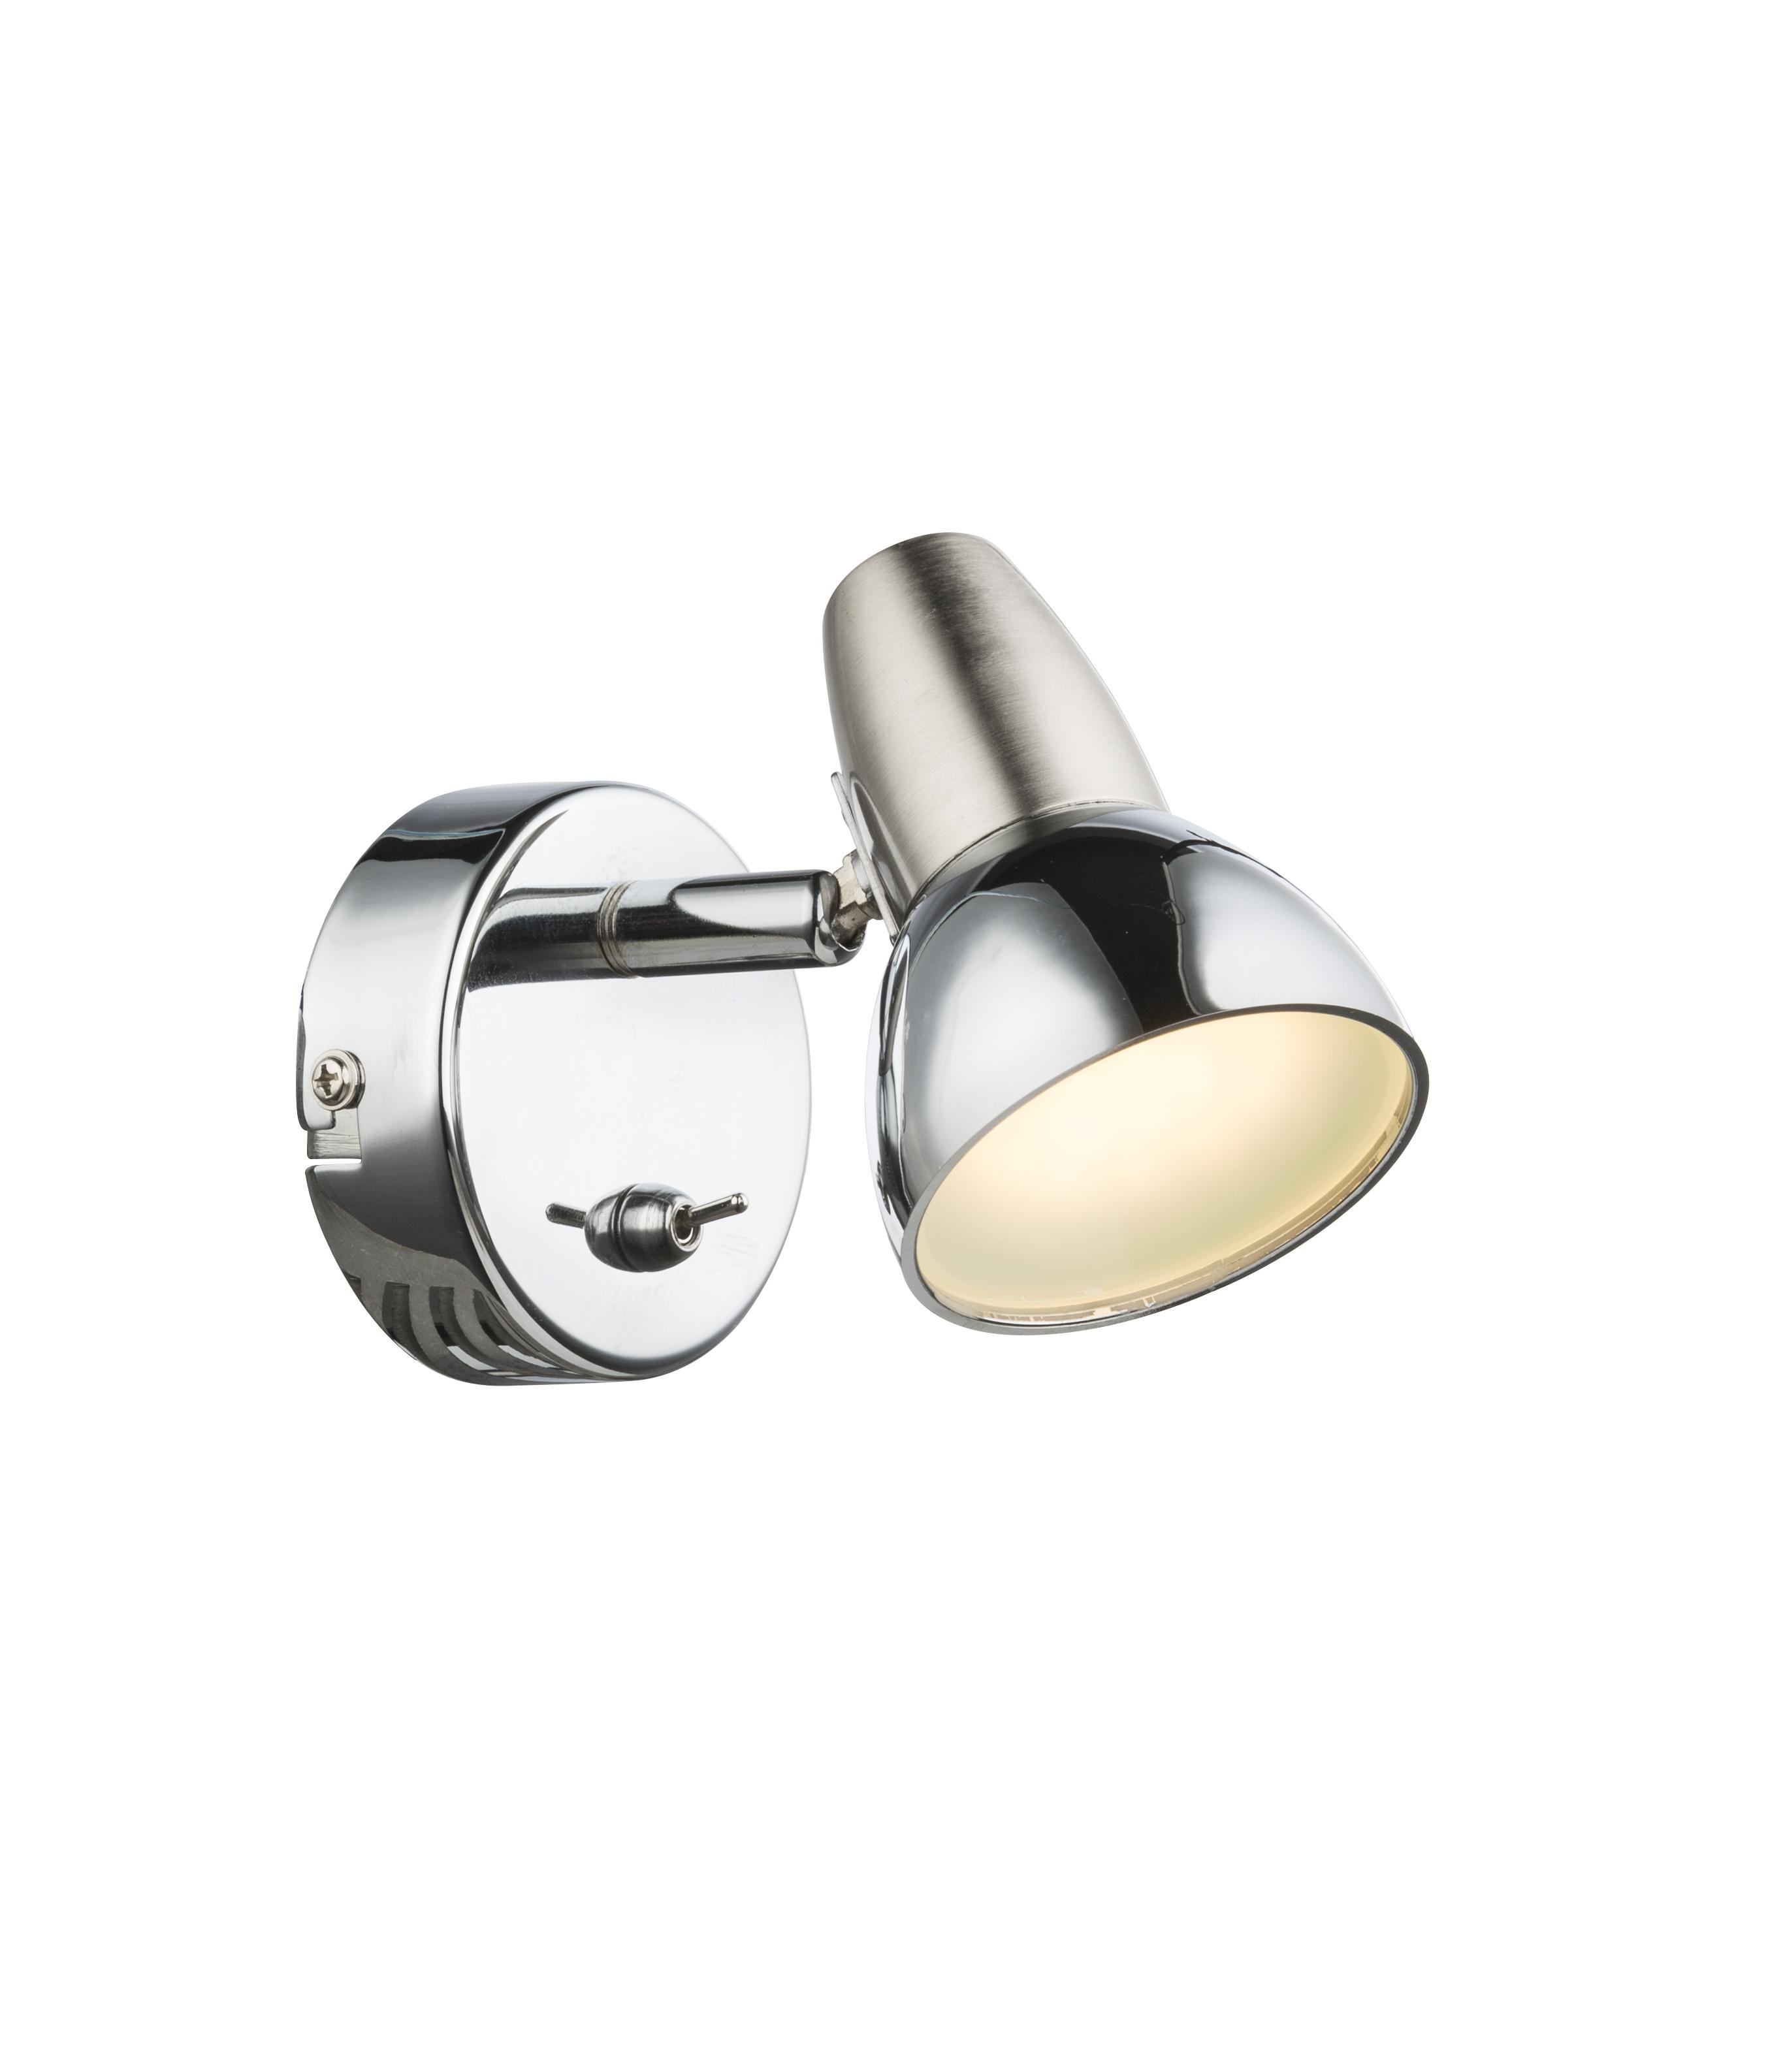 Настенно-потолочный светильник Globo Cappuccino, серебристый globo светильник настенно потолочный